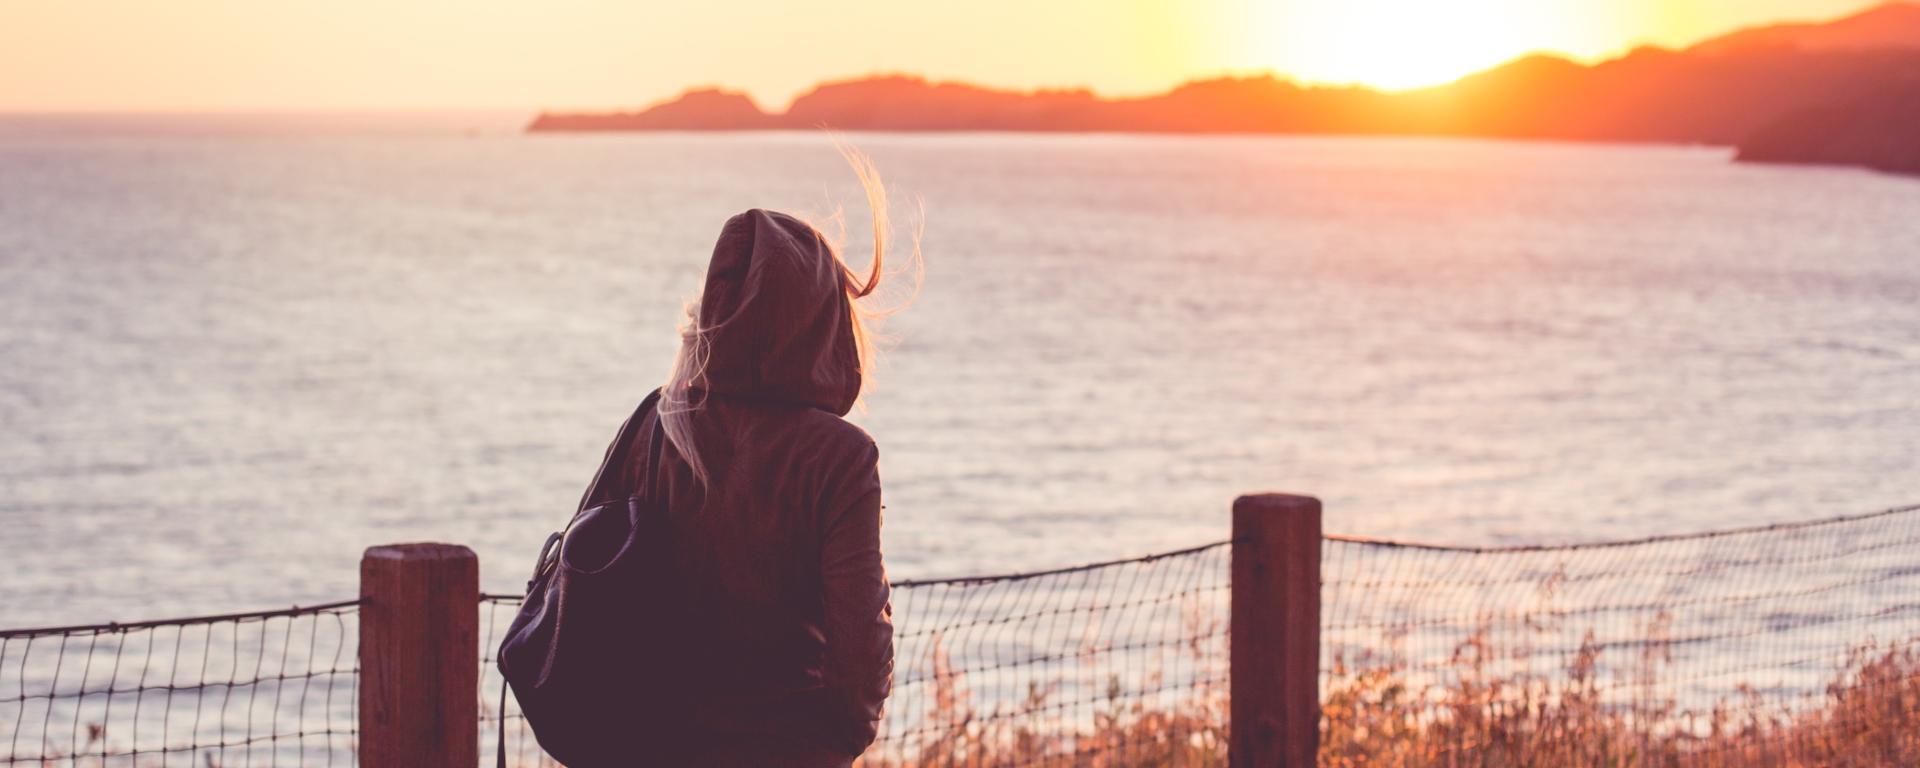 pourquoi créer et tenir un blog anonyme - raisons bloguer anonymement